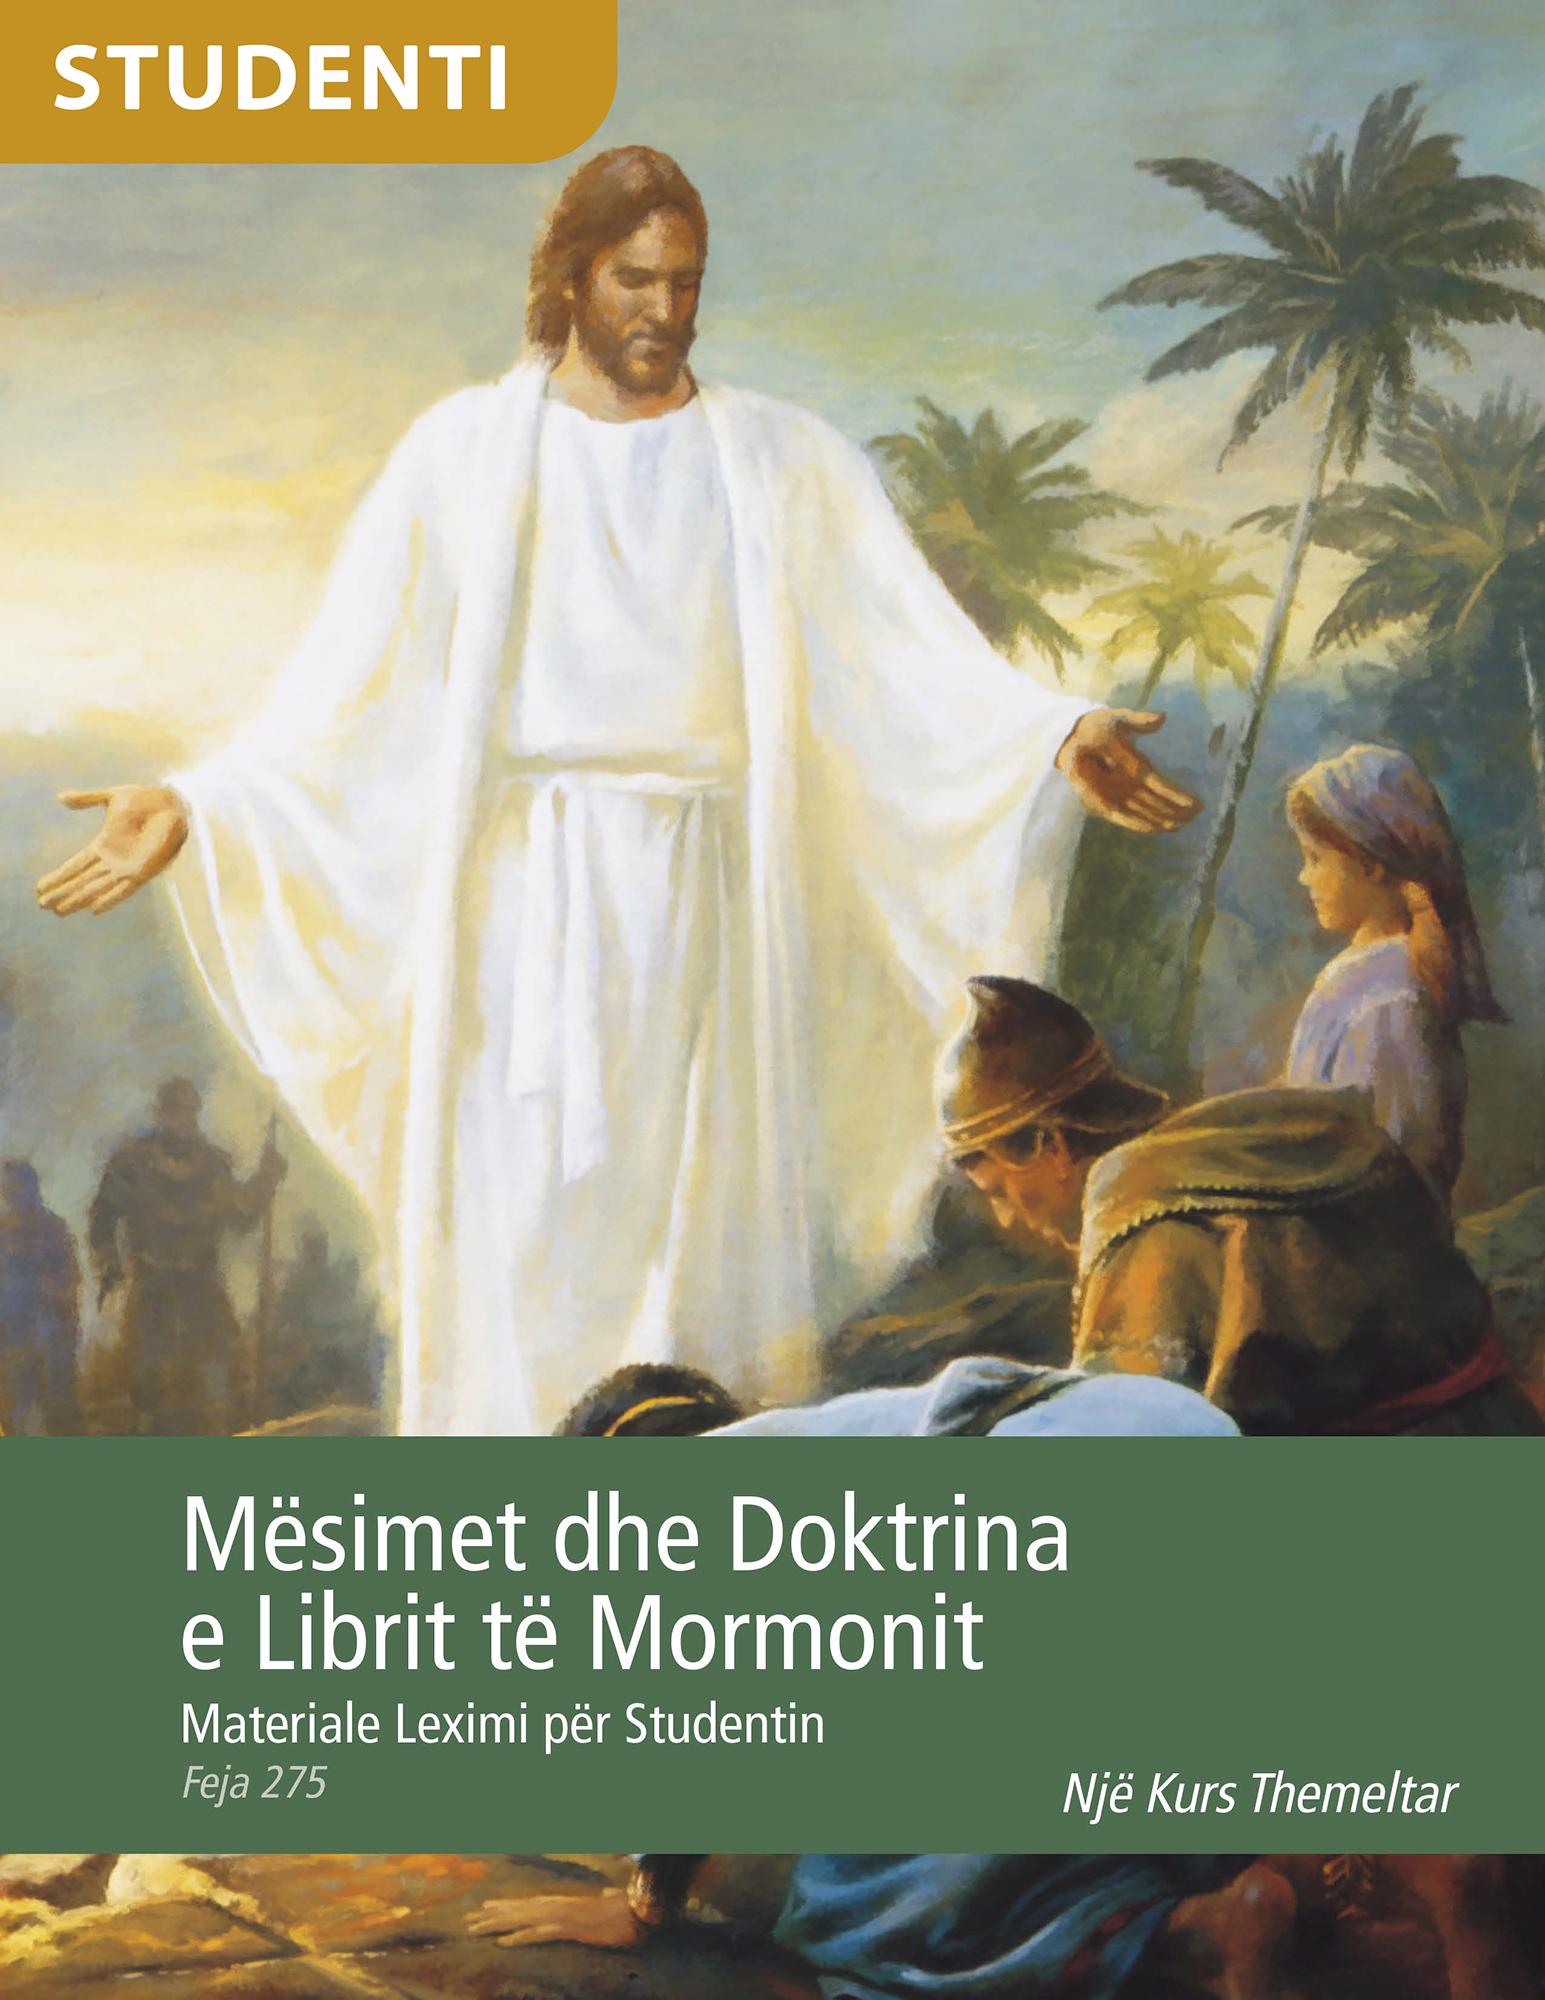 Materiale Leximi për Studentin – Mësimet dhe Doktrina e Librit të Mormonit (Feja 275)